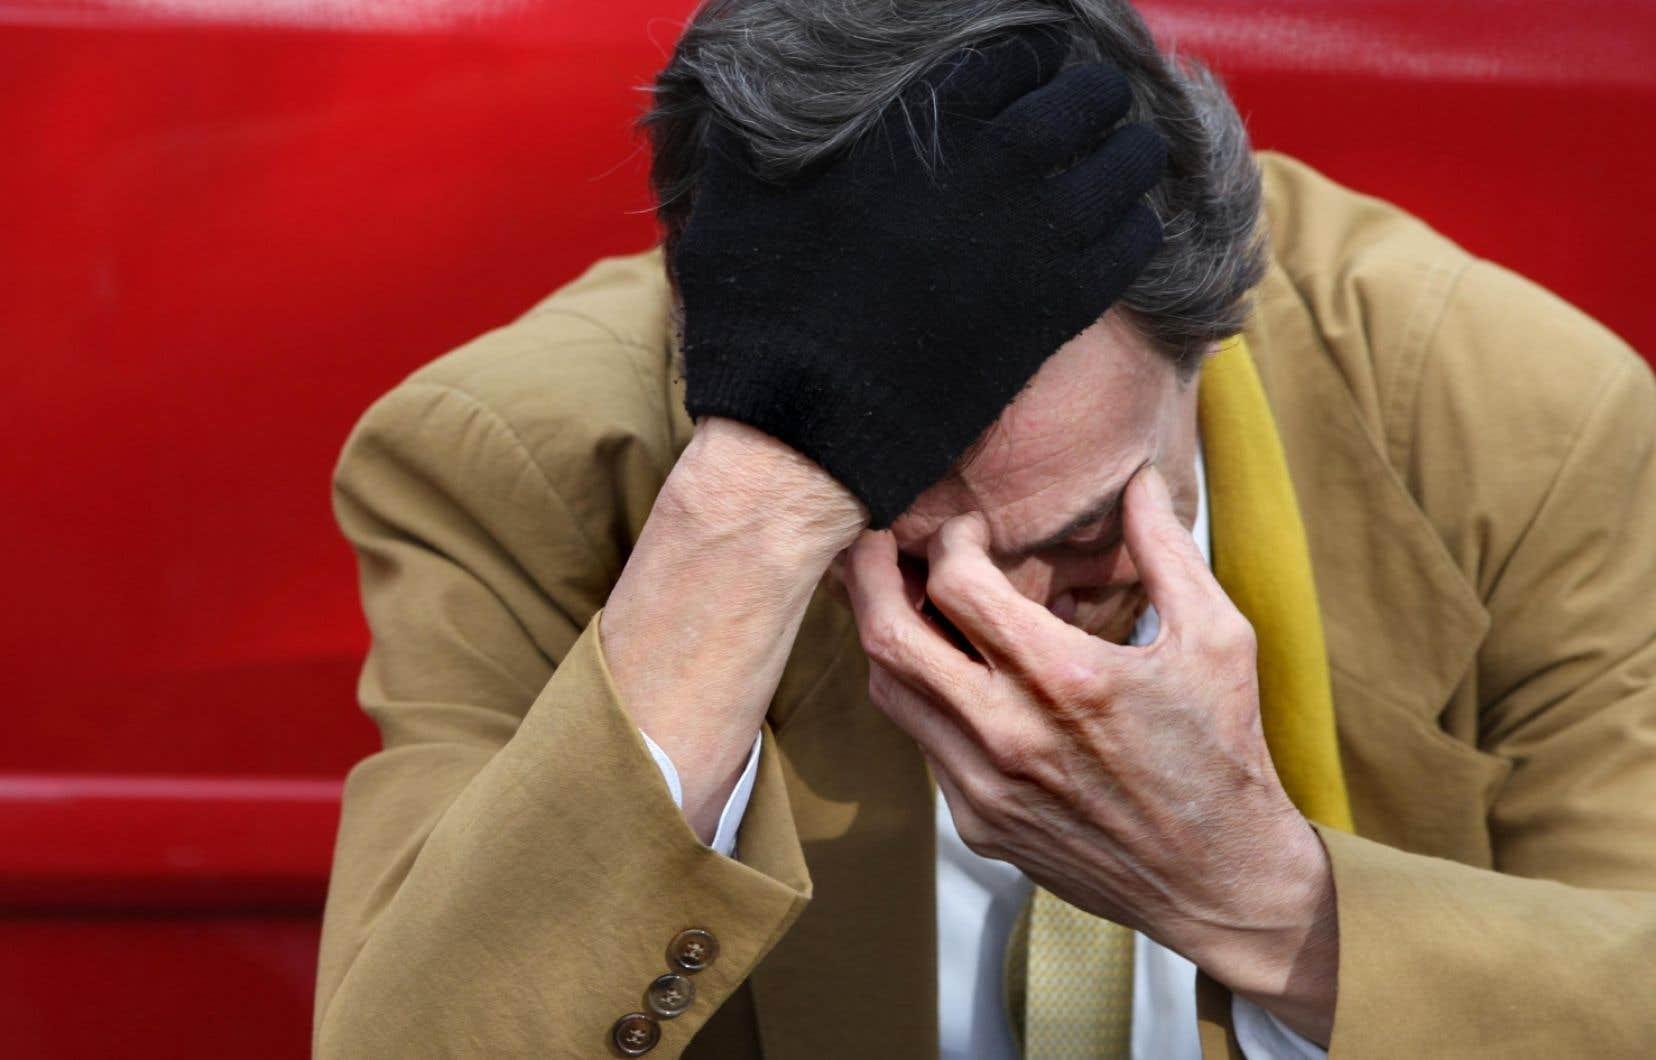 Le harcèlement psychologique au travail peut conduire à des problèmes de santé mentale.